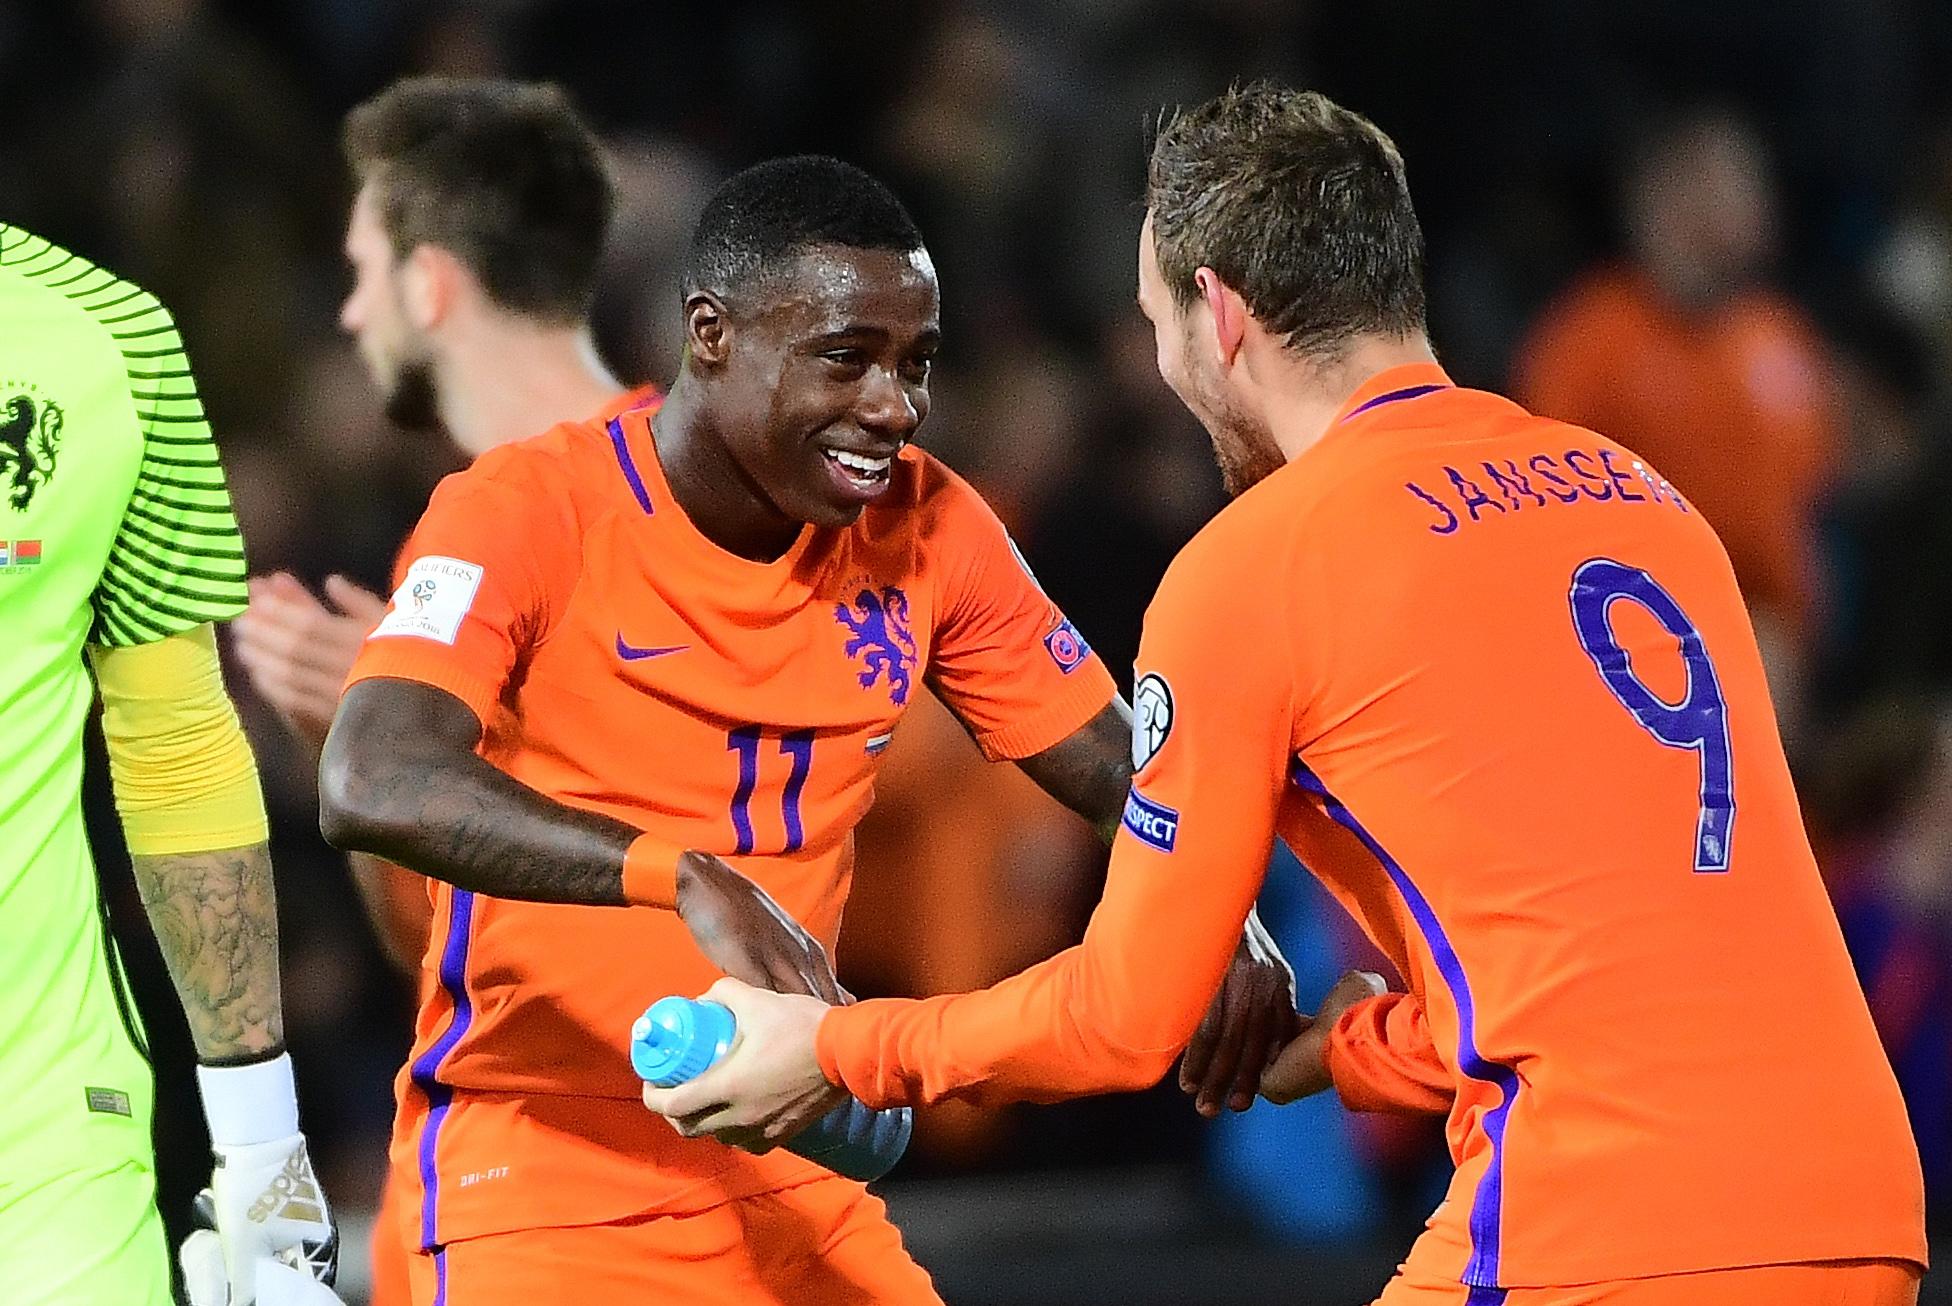 Football - Coupe du monde - Janssen, Promes, Klaassen : Qui sont ces jeunes Oranjes à la mode ?